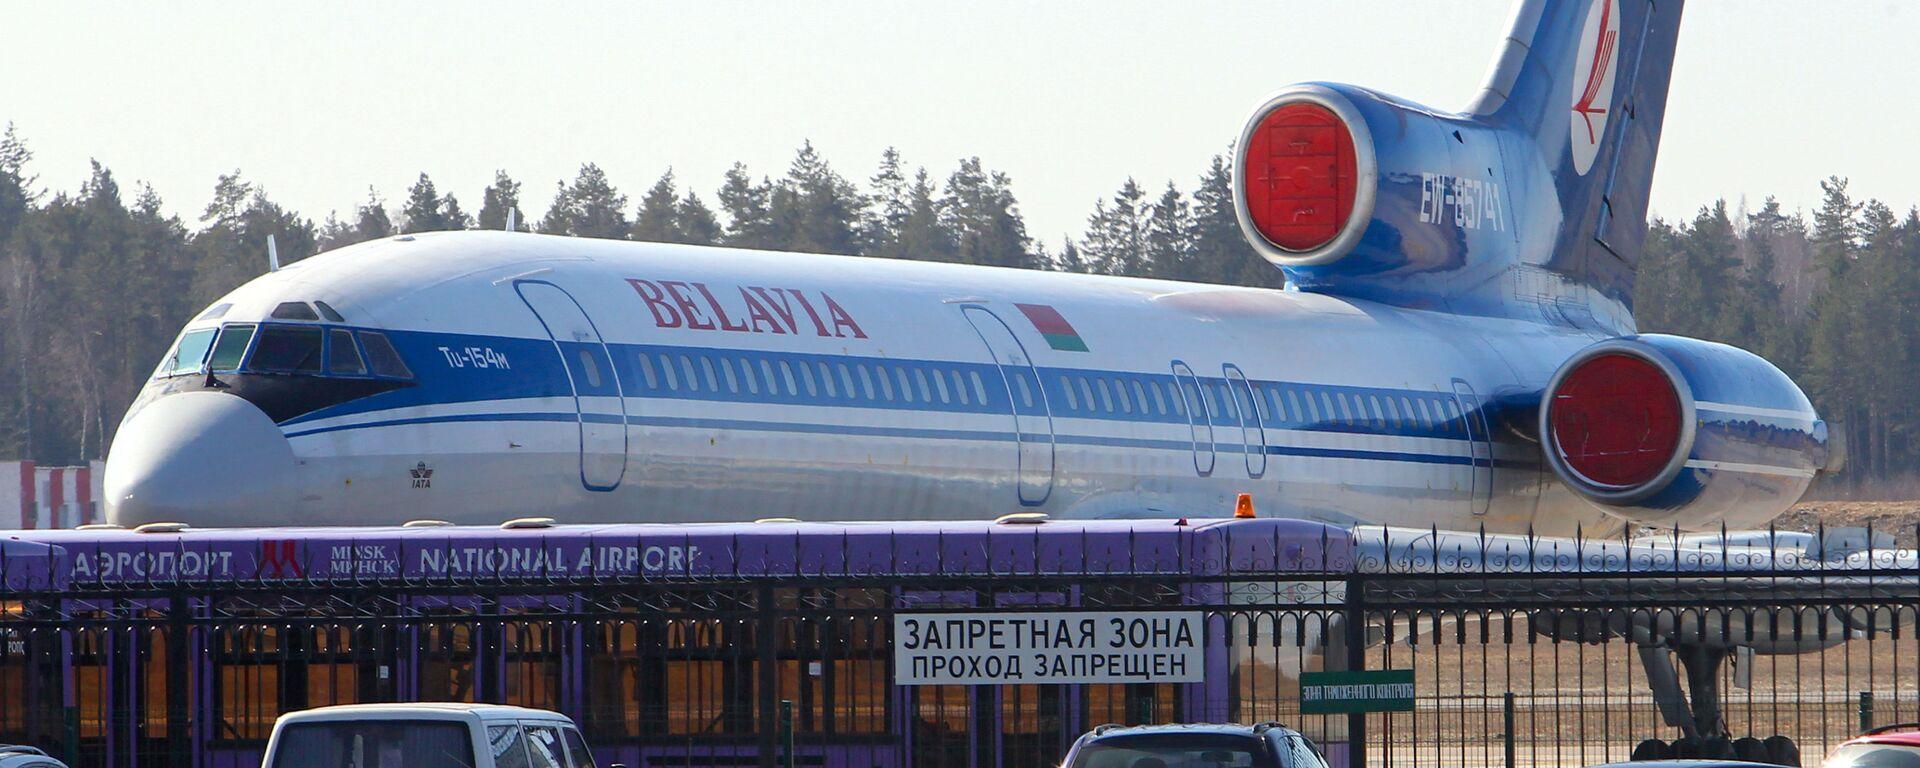 Letadlo společnosti Belavia - Sputnik Česká republika, 1920, 27.05.2021